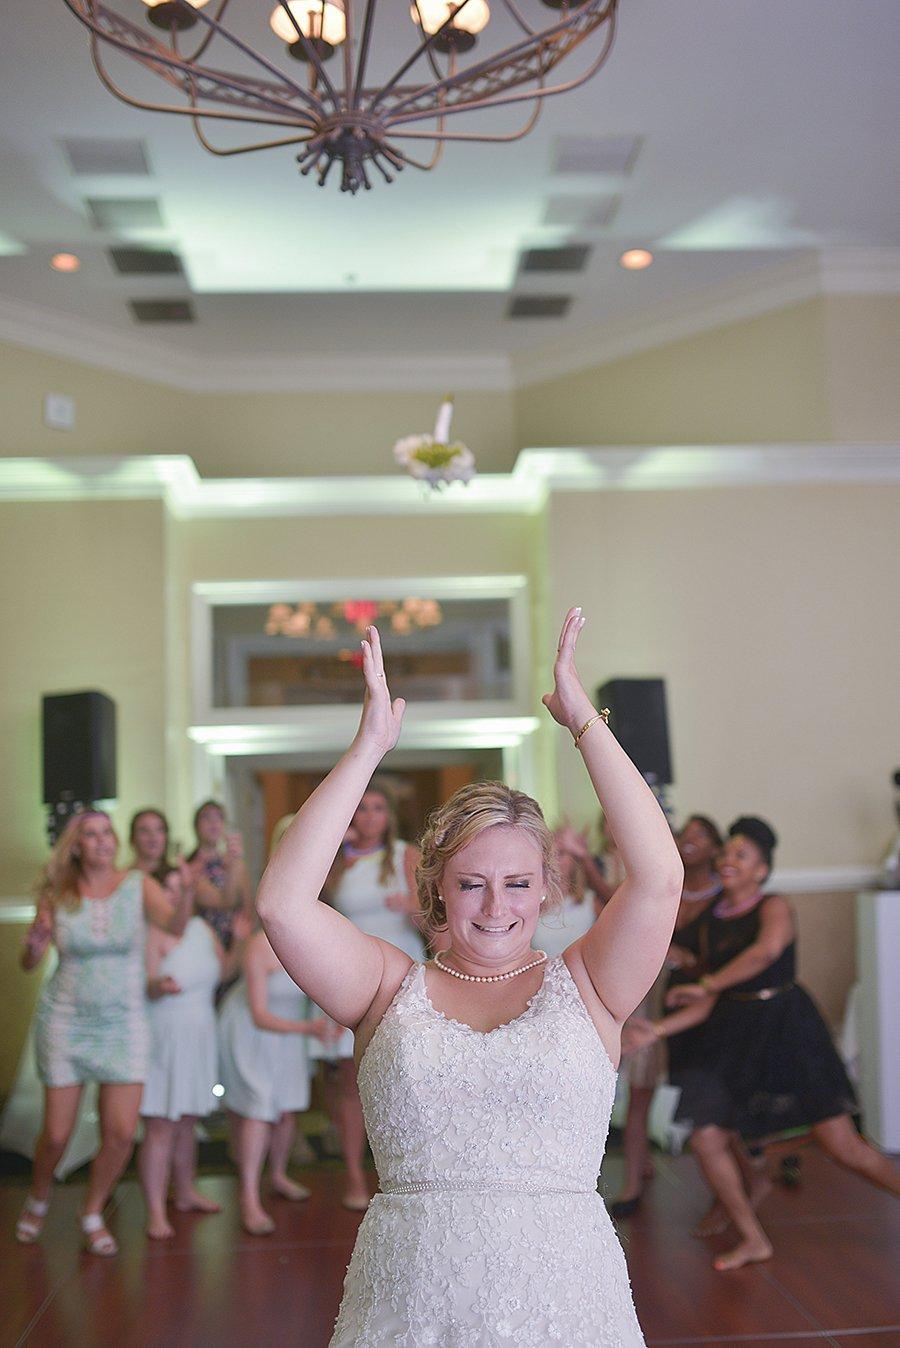 Karmi wedding Bouquet Toss 2016 at Piedmont club www.yitentertainment.com